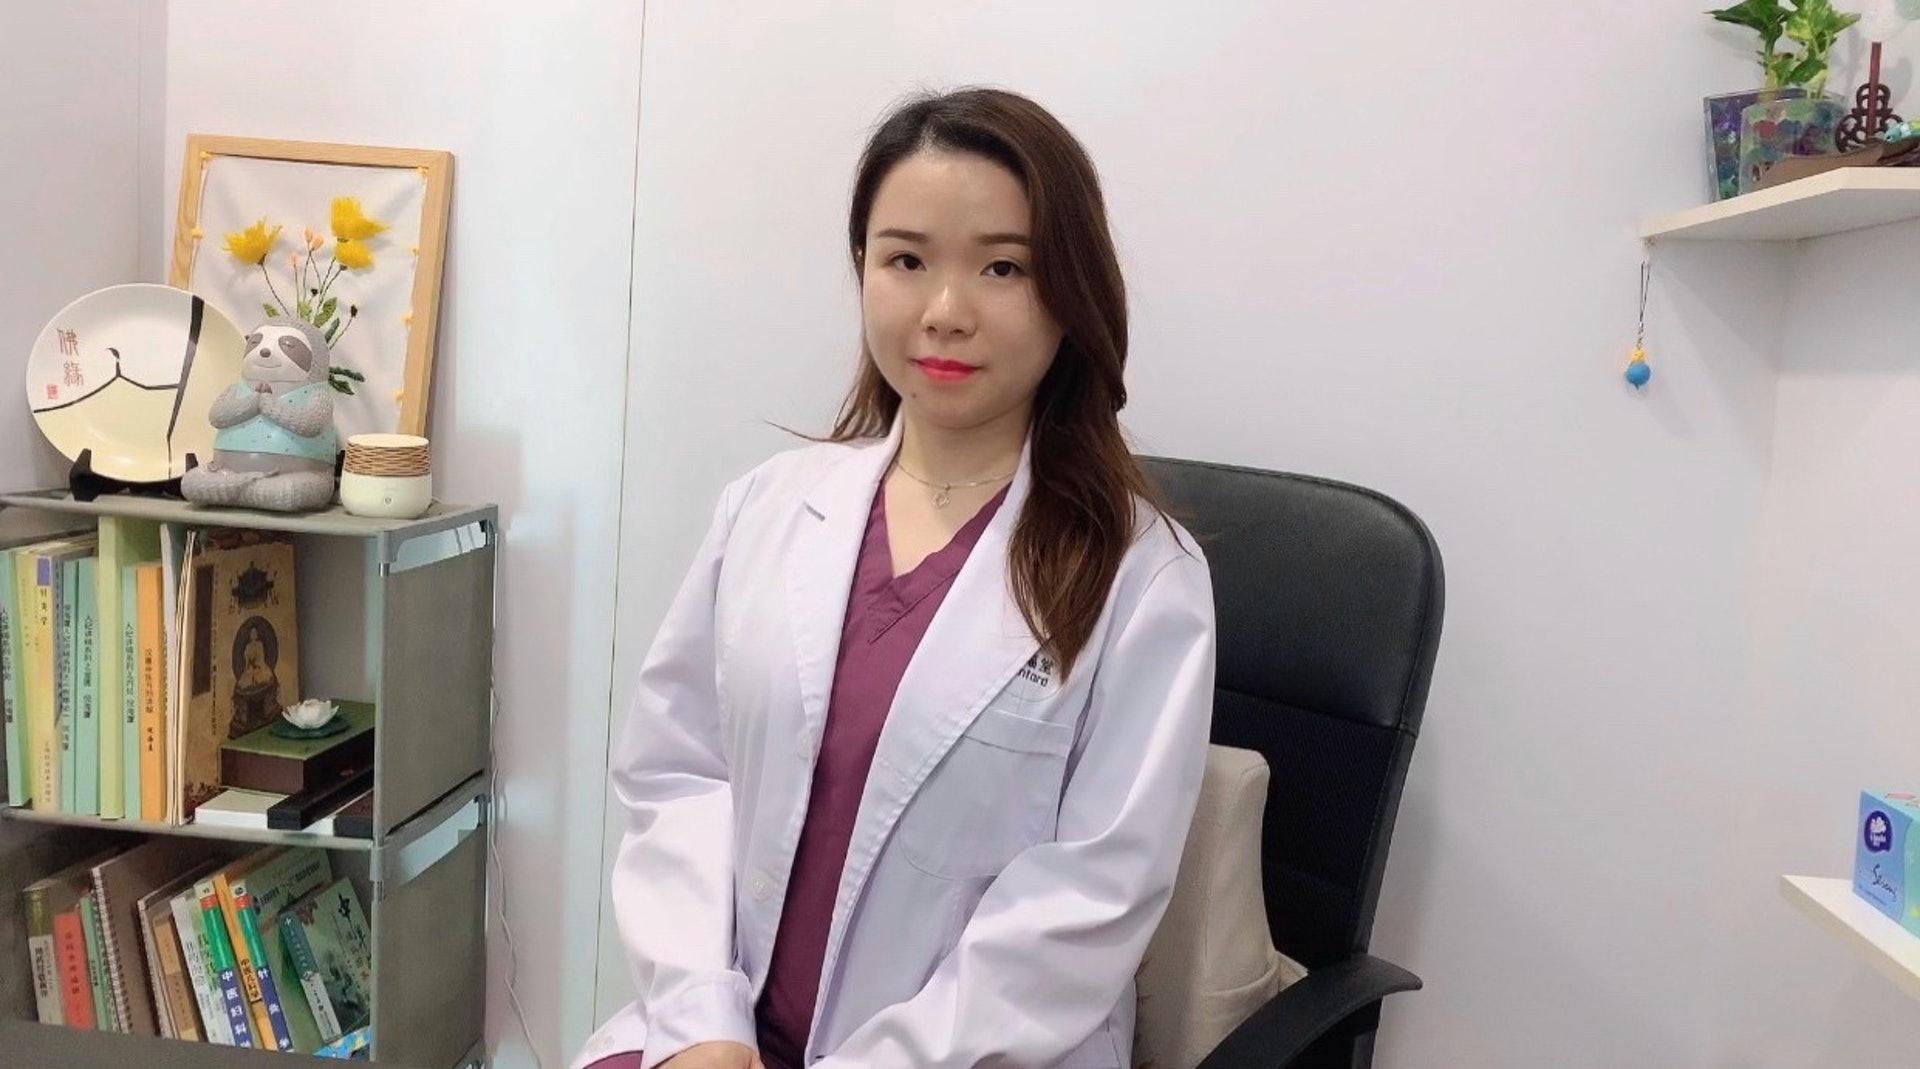 健福堂中醫診所註冊中醫師畢麗虹(撰文者提供)